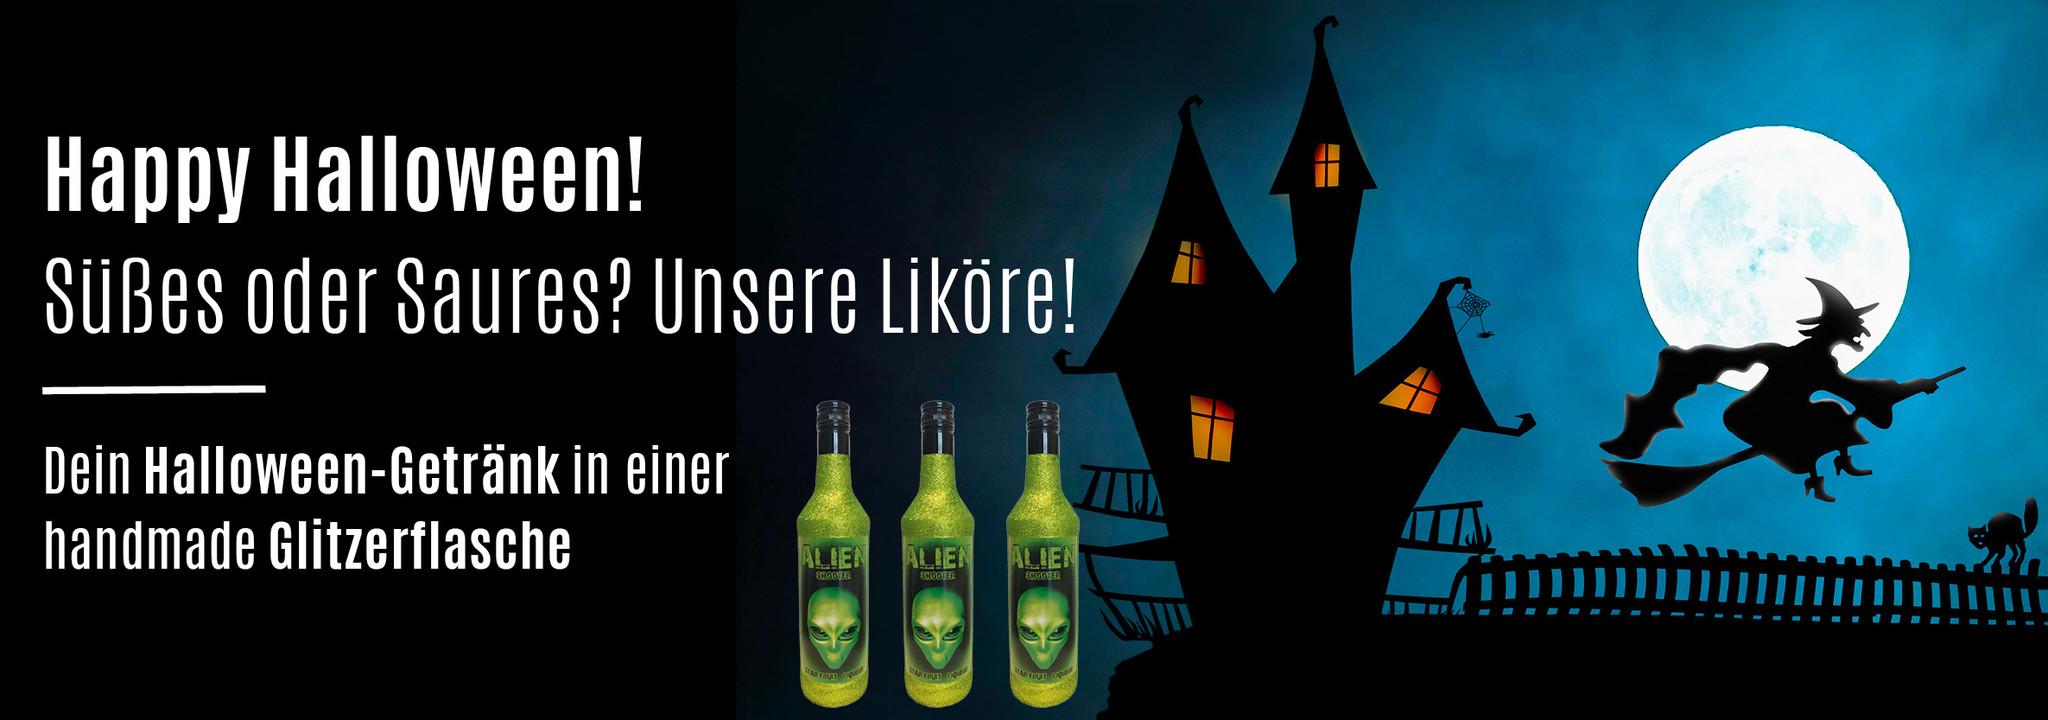 Halloween - Dieses Jahr mit Glitzer und der original Glitzerflasche